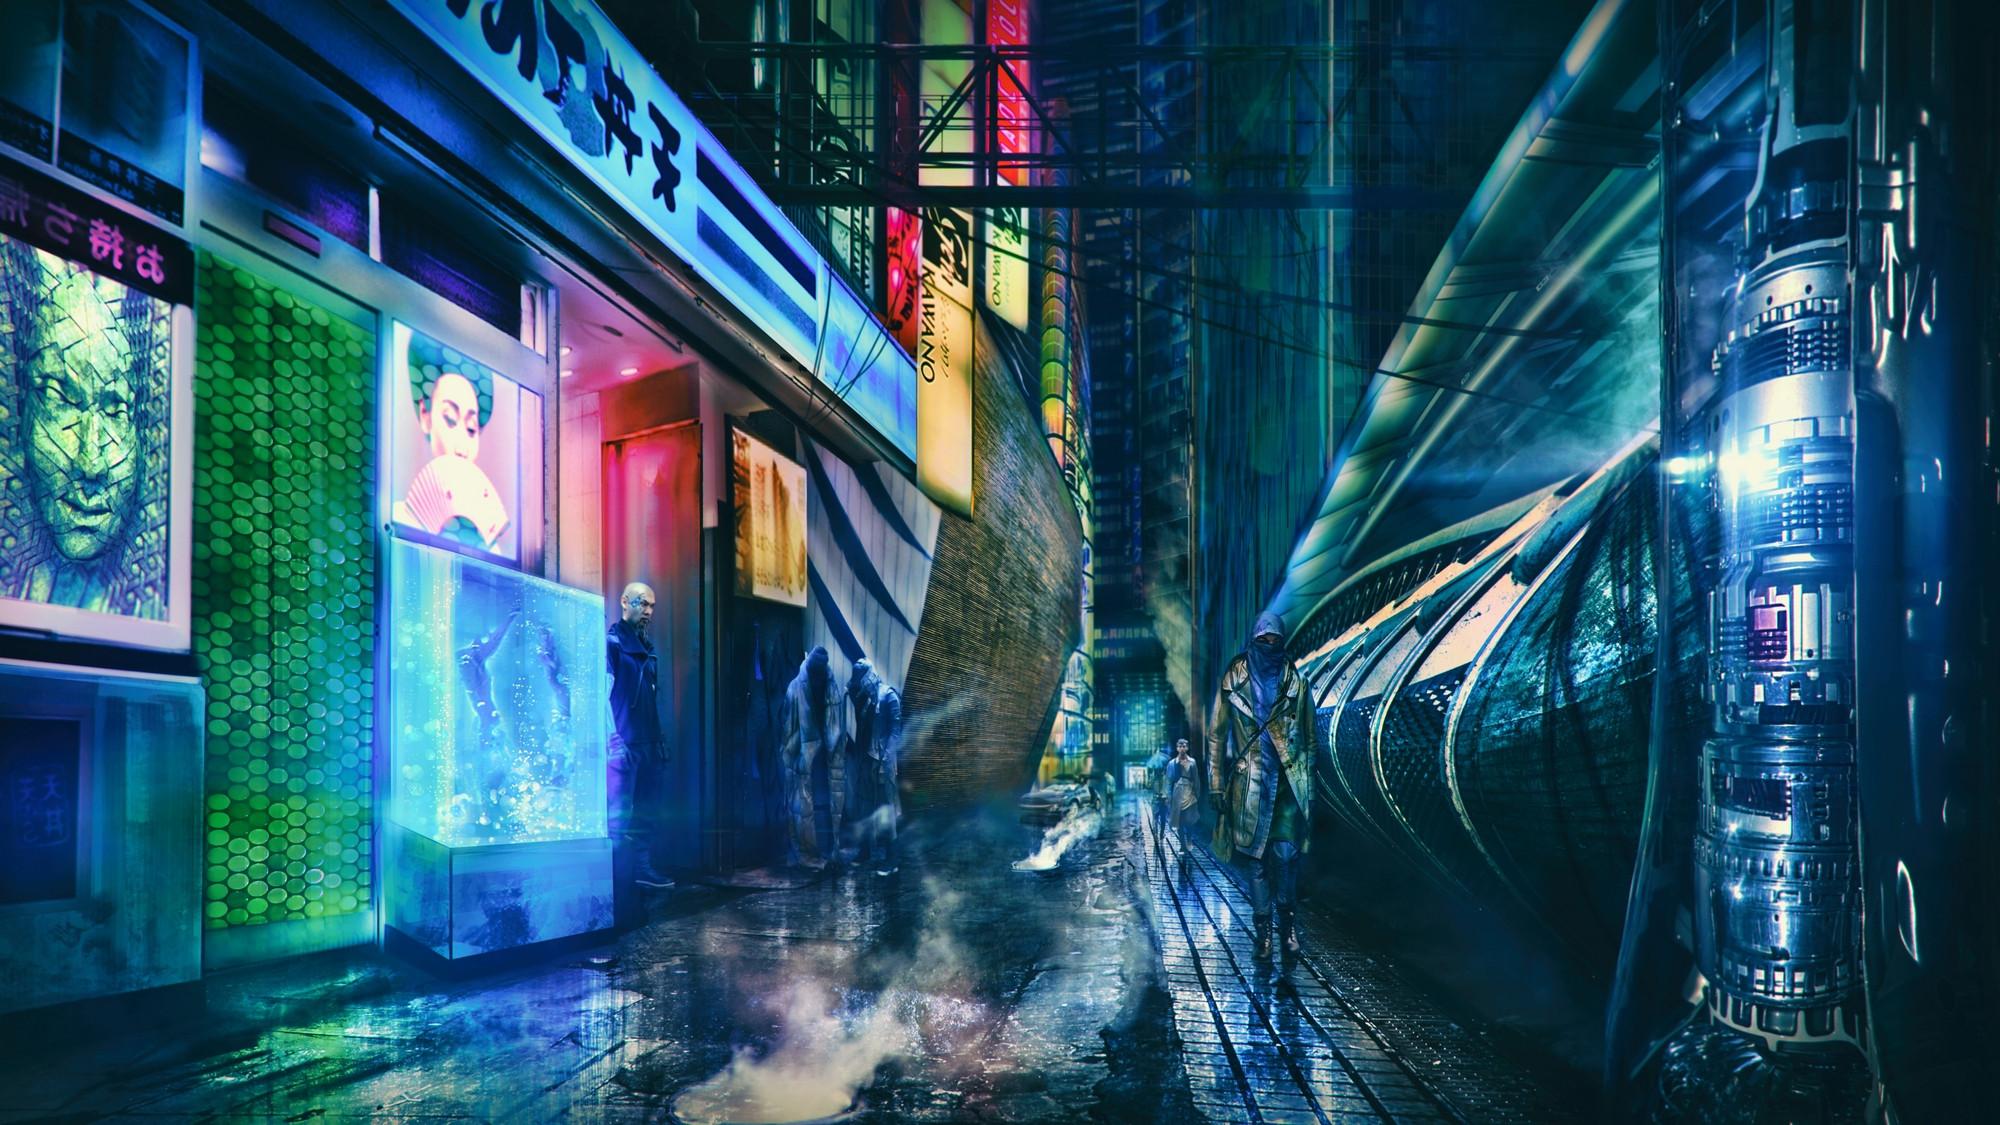 2D Shanghai 2020: Dark Streets